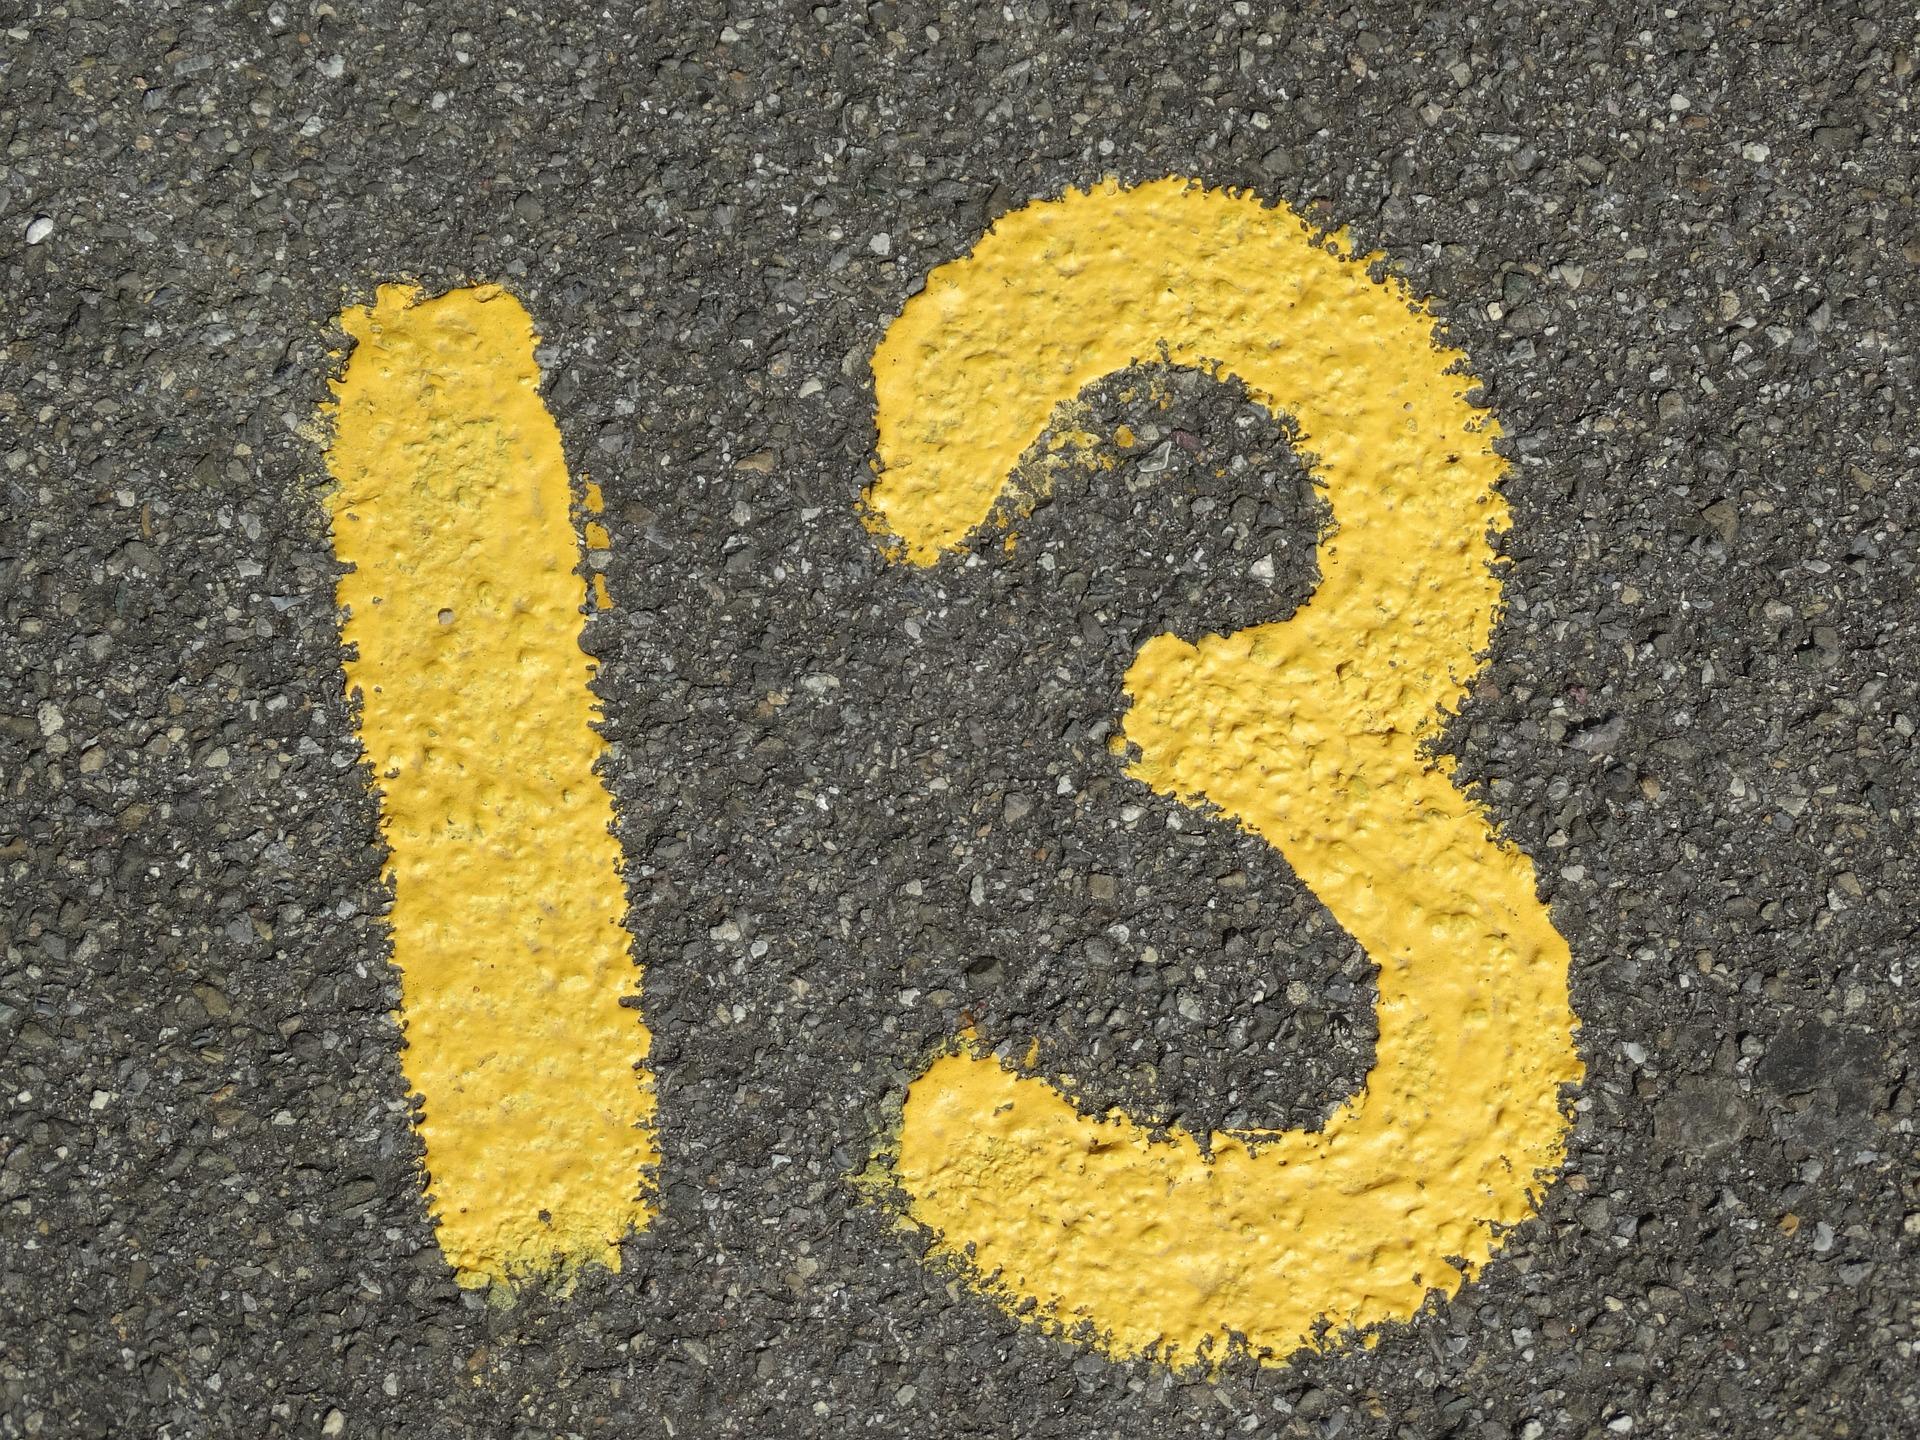 vineri 13 - sfatulparintilor.ro - pixabay_com - number-437931_1920